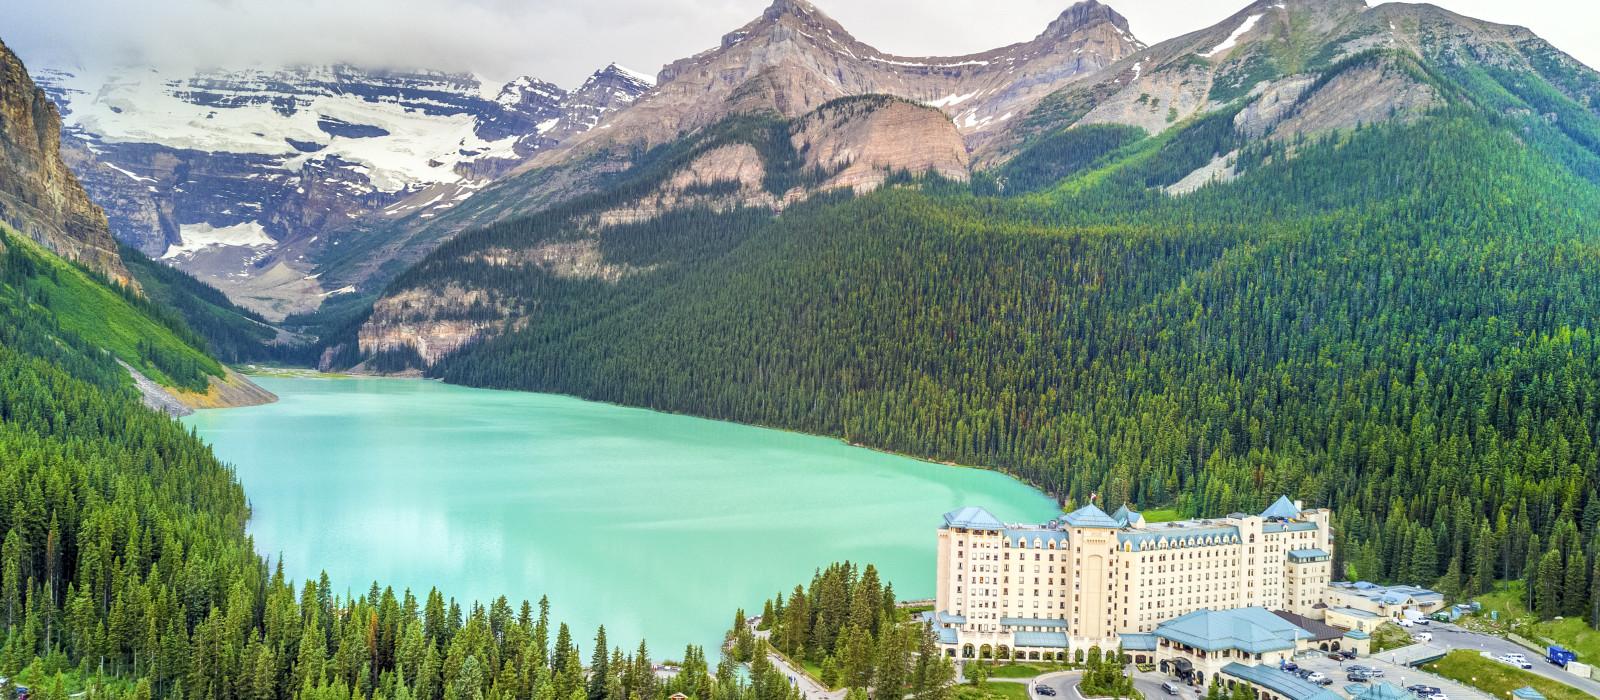 Reiseziel Lake Louise Kanada